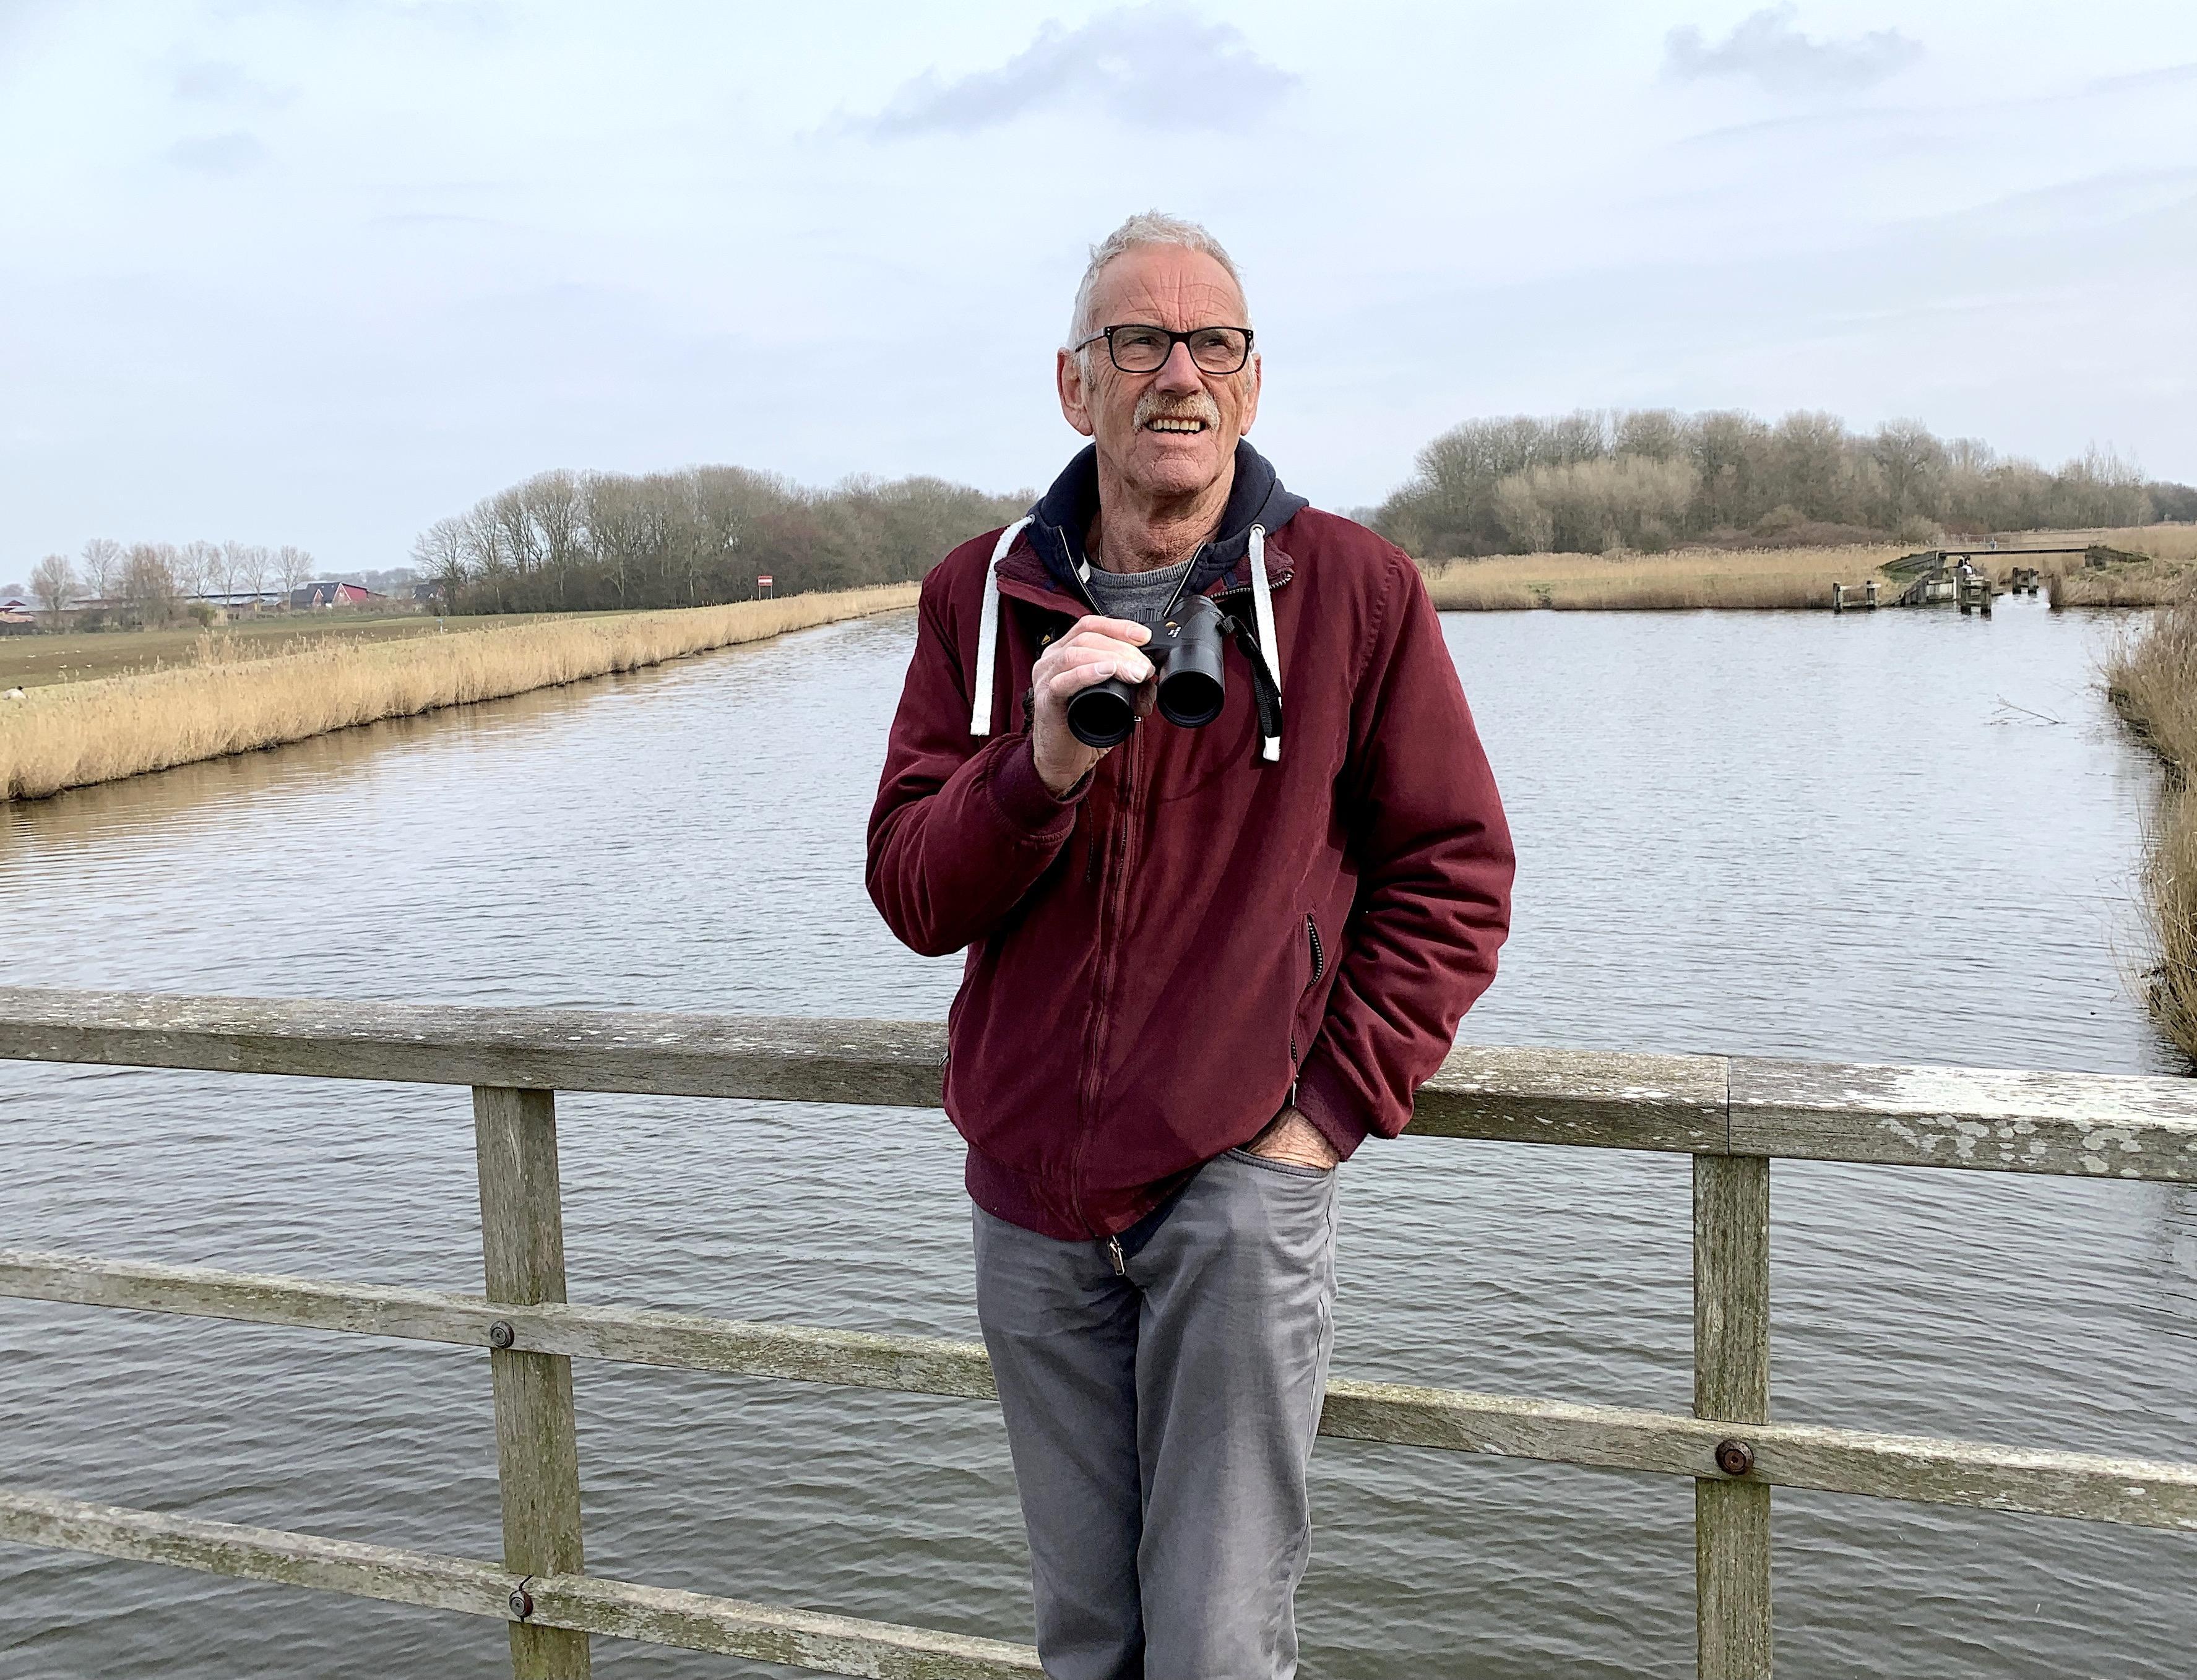 'Ik zie ze vliegen, al mijn leven lang', zegt 'bird-nerd' Paul Hof (70) uit Bergen. ,,Dat ik van vogels houd, komt ook doordat ik weet hoe mensen soms kunnen zijn.''